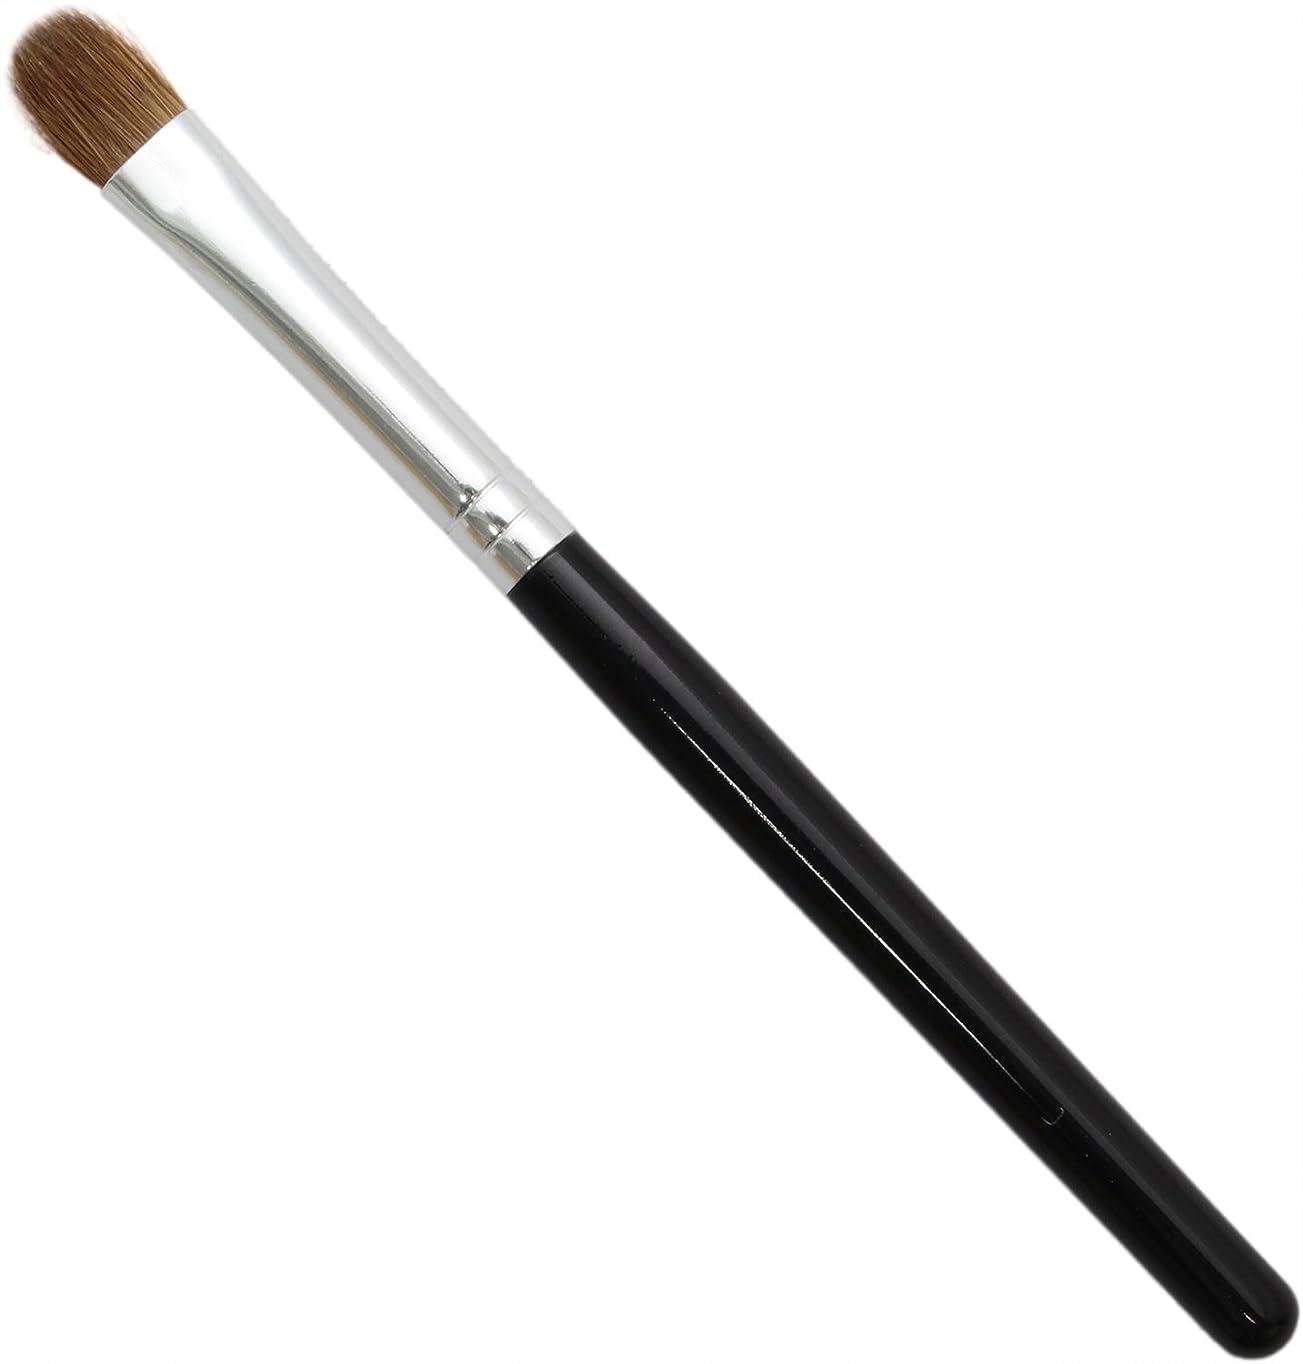 明るい絶滅写真熊野筆 メイクブラシ KUシリーズ アイシャドウブラシ 小 イタチ毛